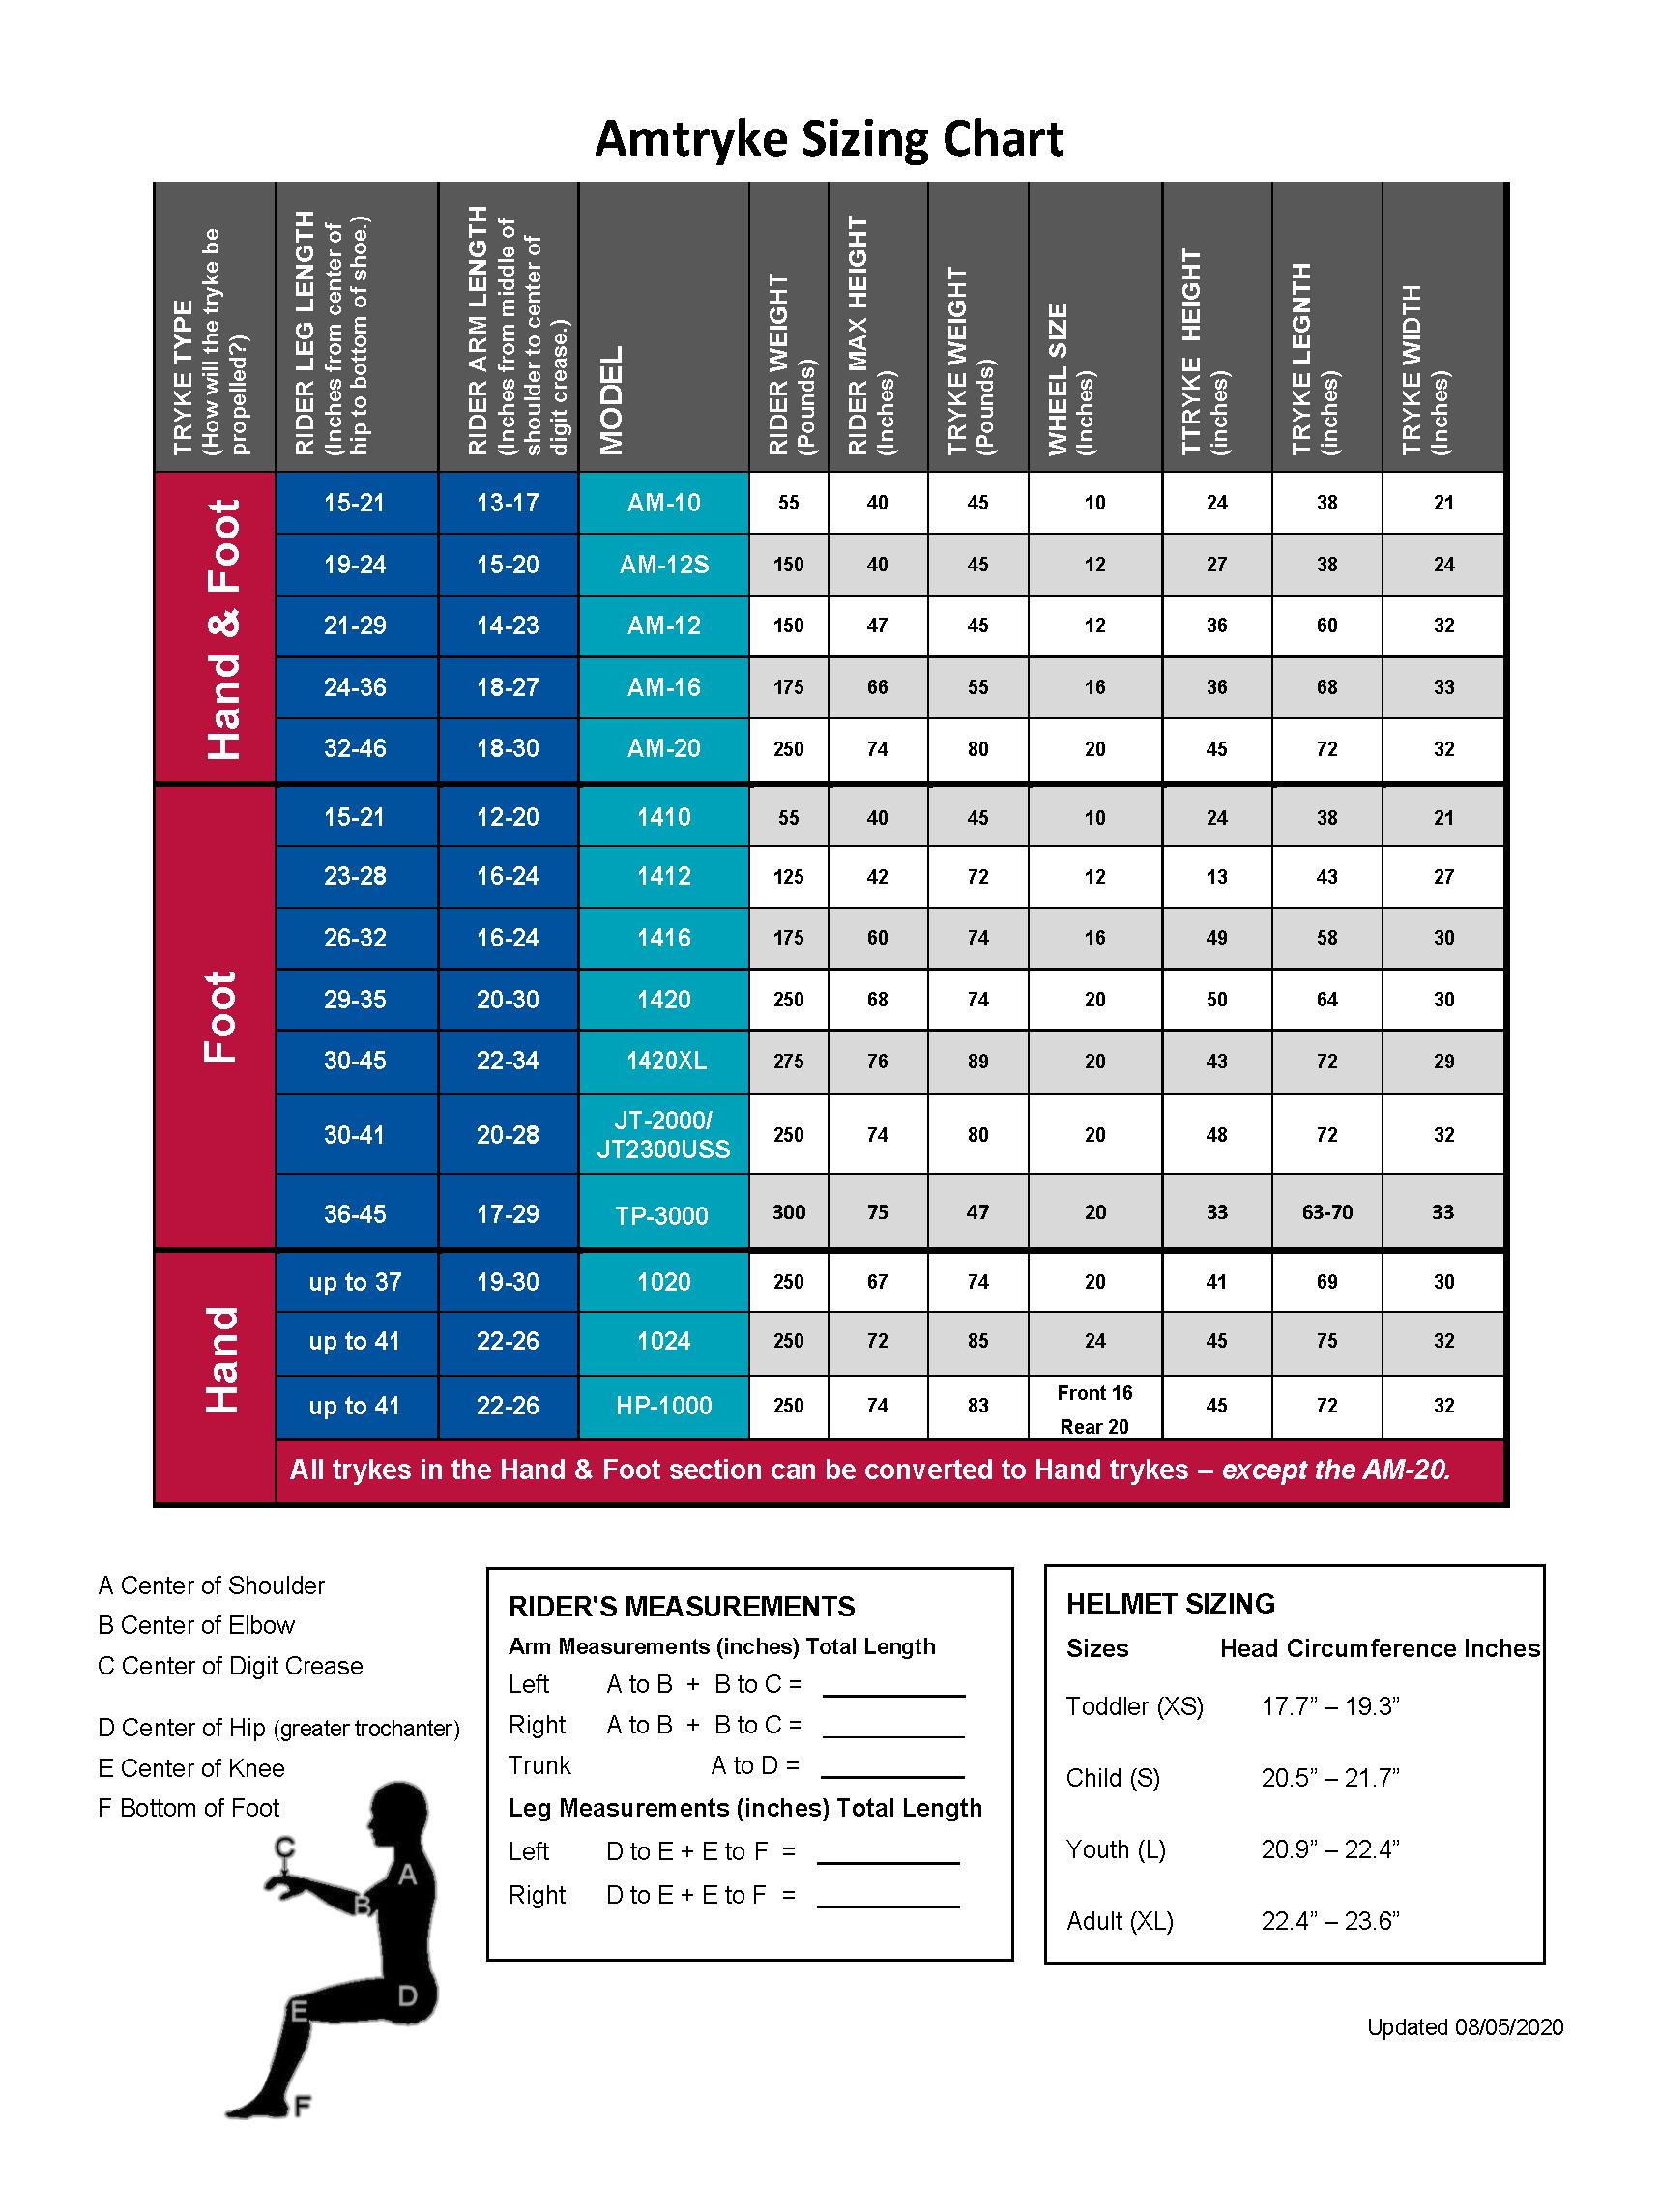 Amtryke-Sizing-Chart-Aug 2020